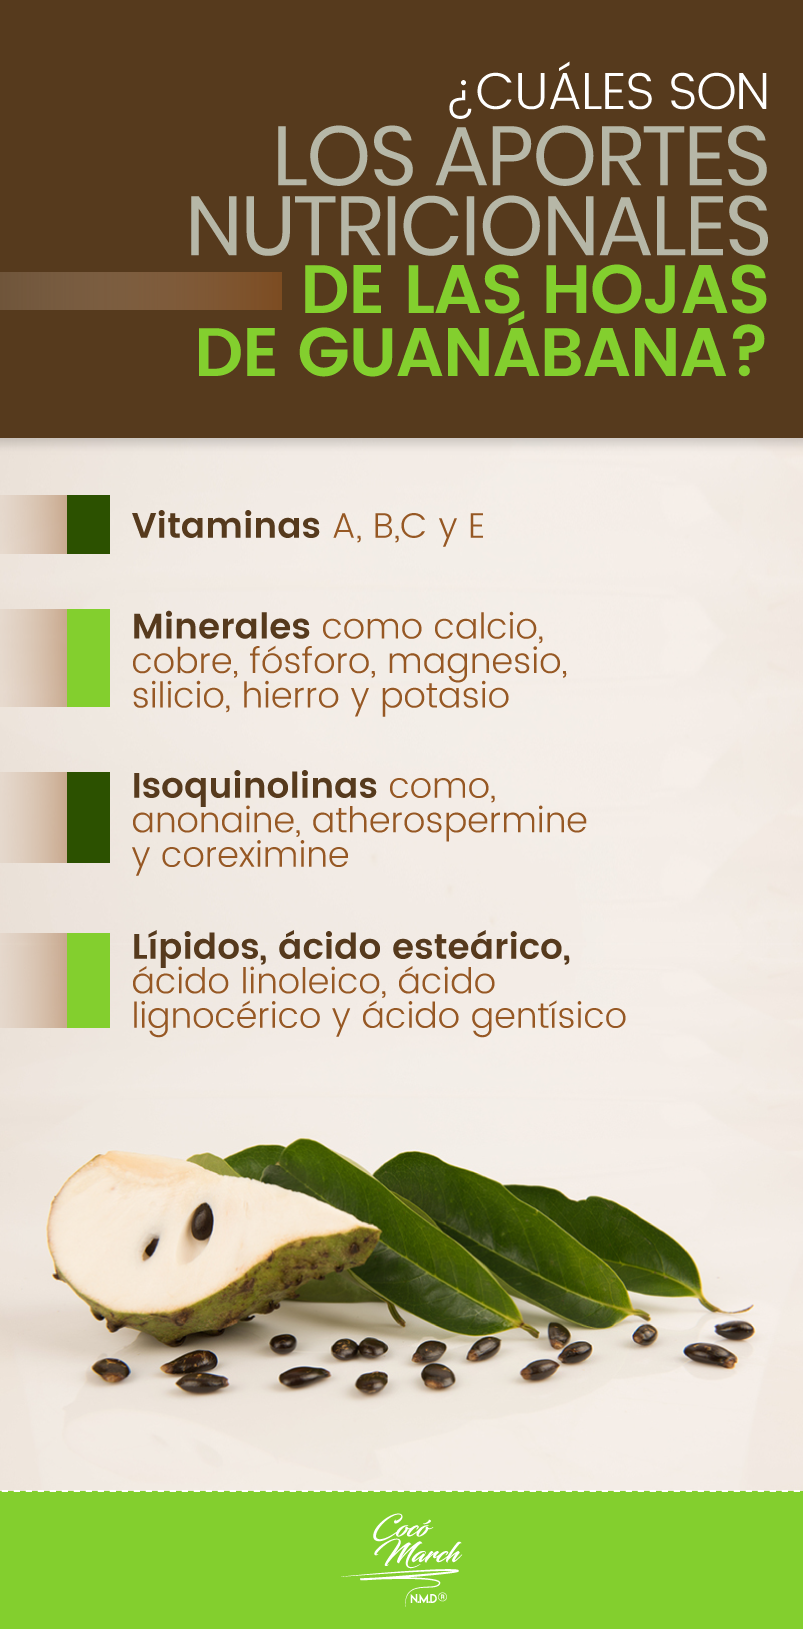 aportes-de-las-hojas-de-guanabana